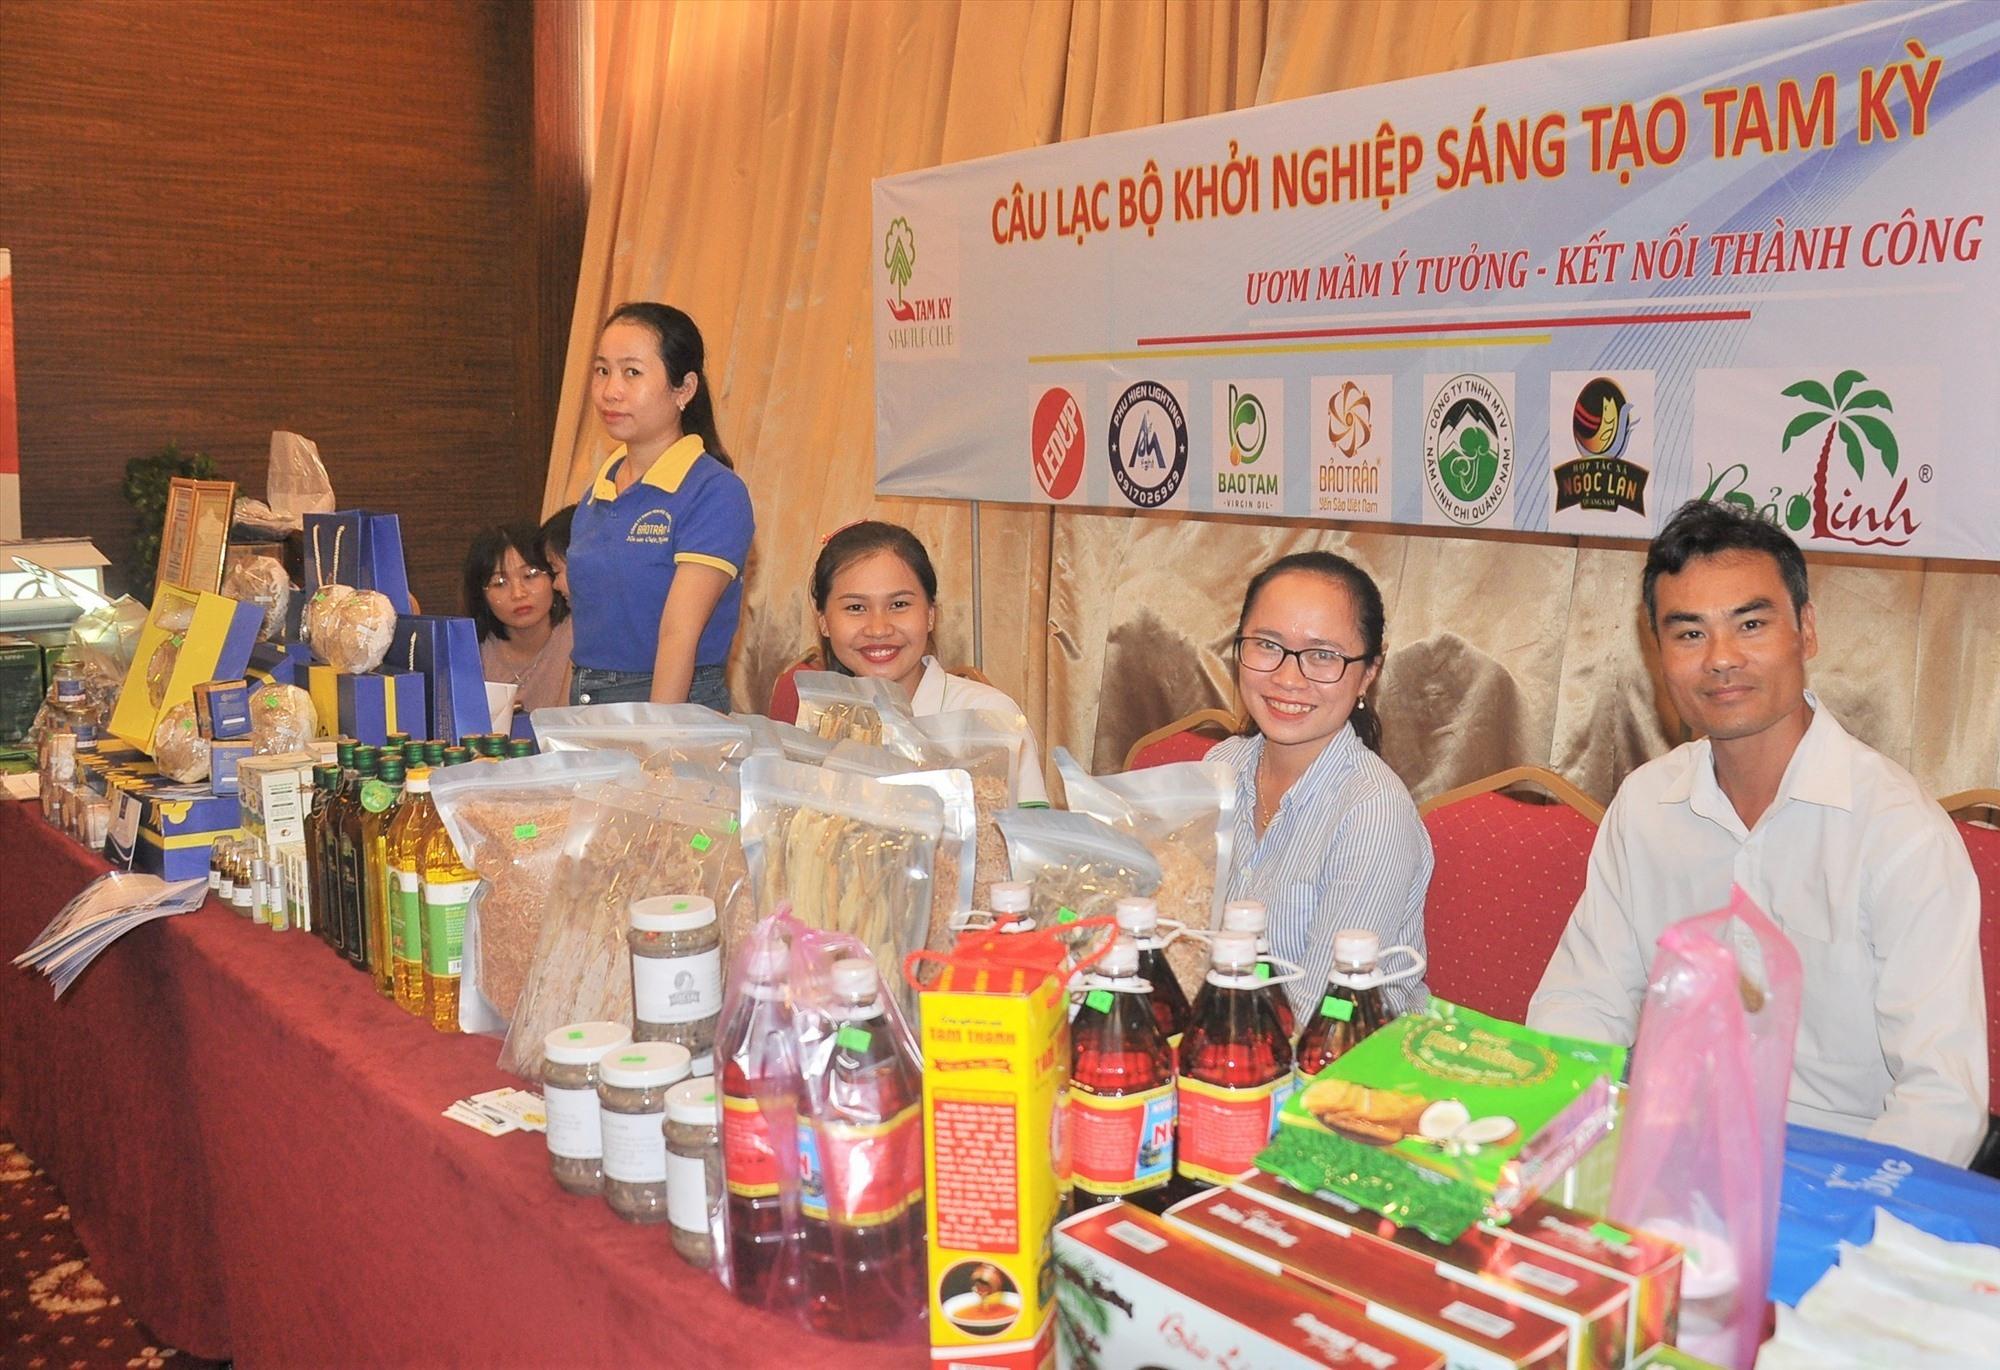 Cuộc thi dành cho thanh niên có dự án khởi nghiệp trên lĩnh vực nông nghiệp, nông thôn. Ảnh: VINH ANH